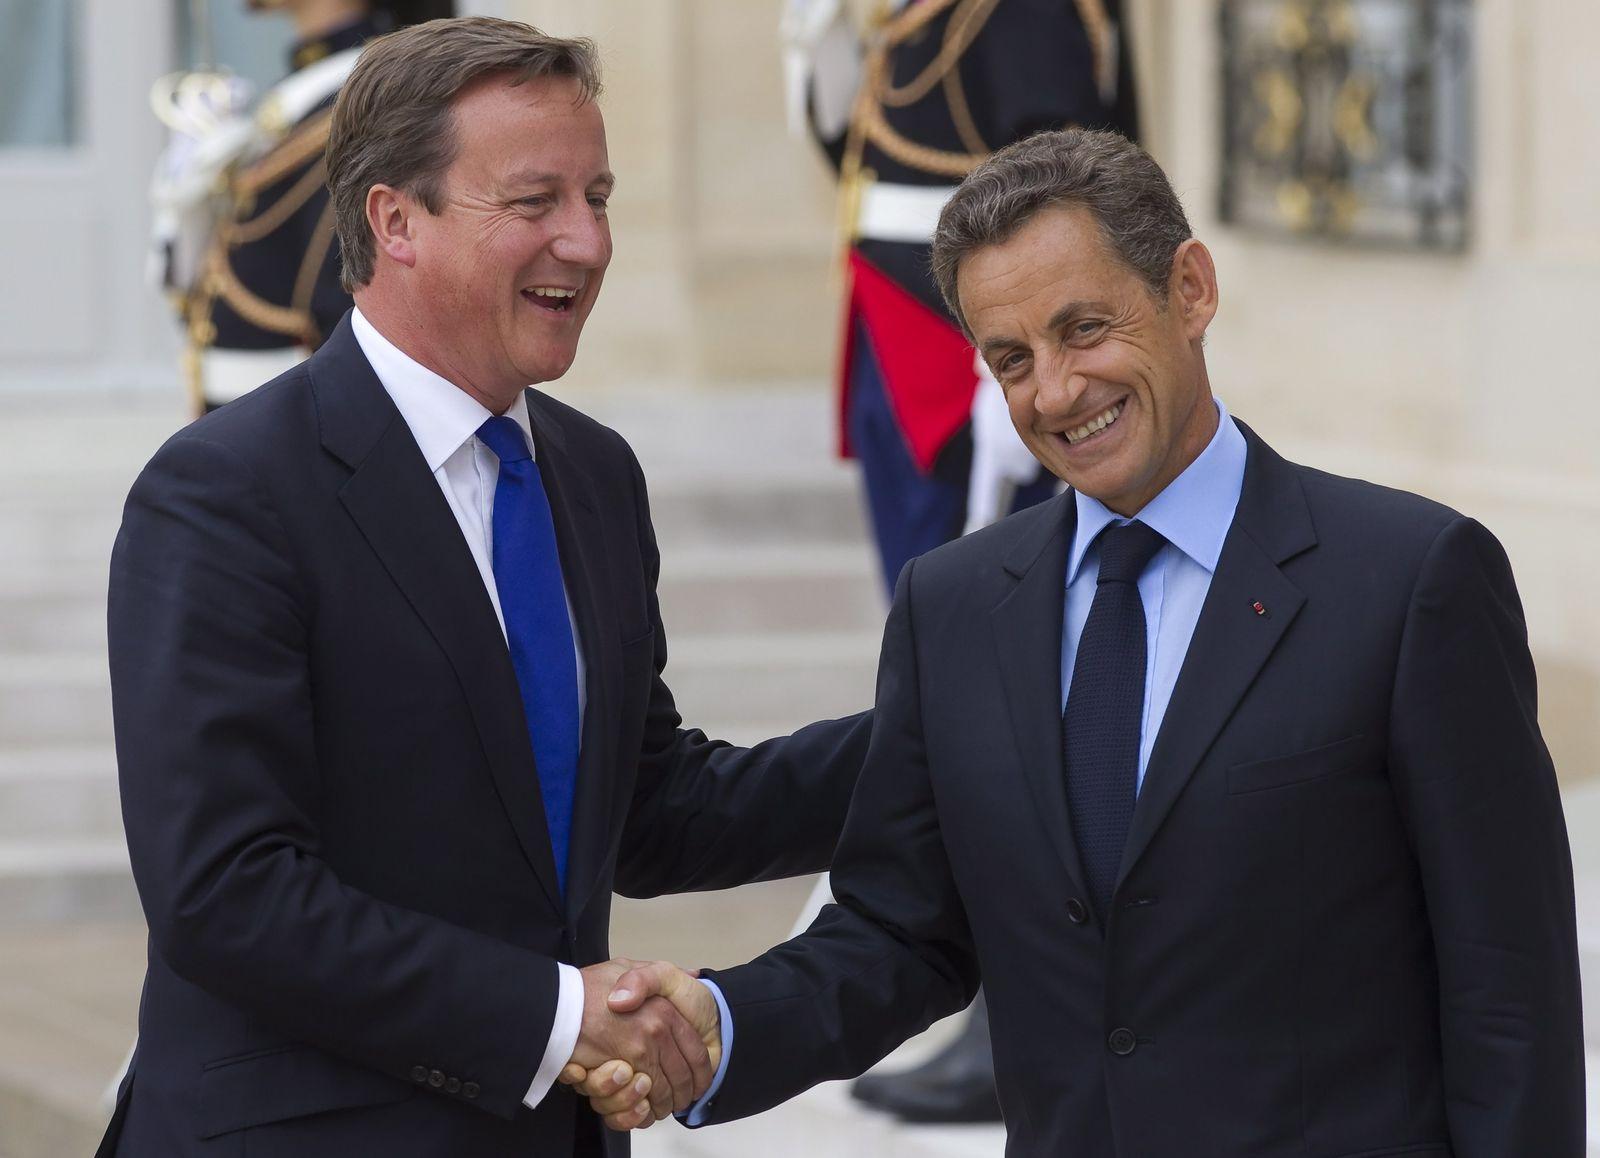 Sarkozy / Cameron / Paris